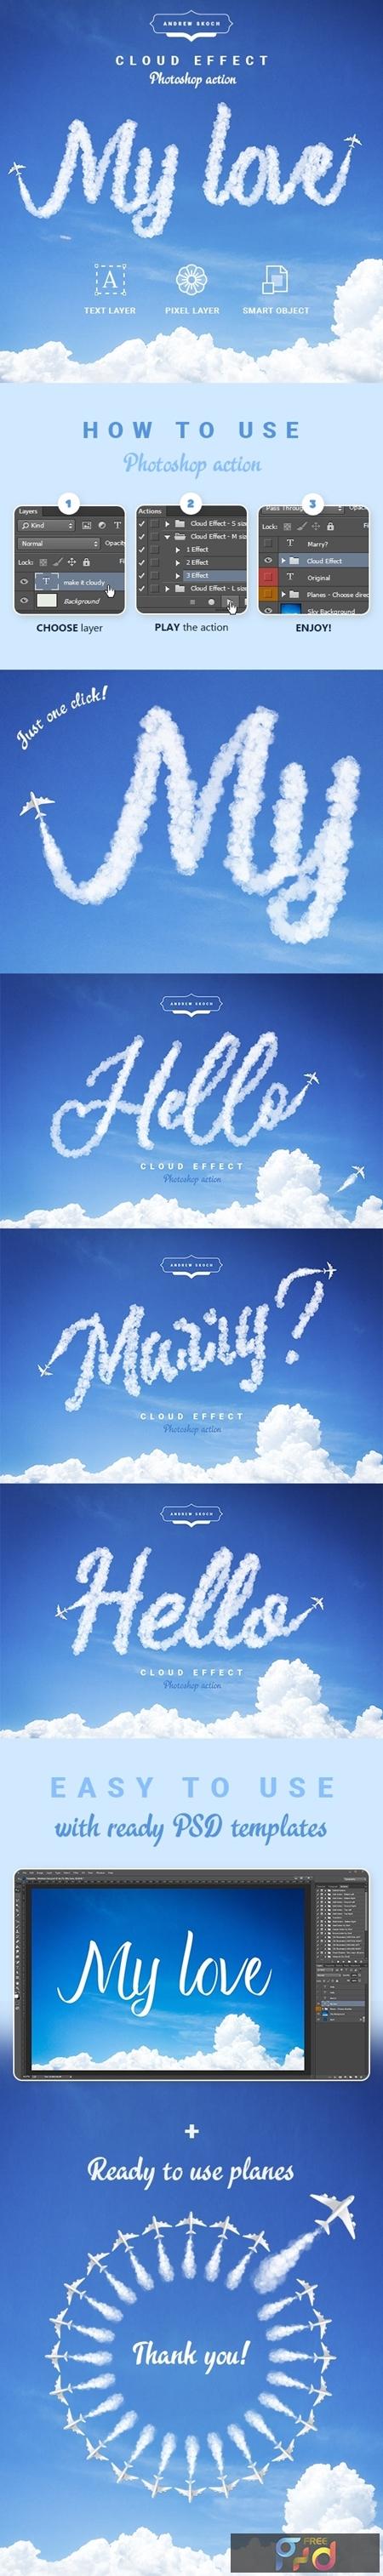 Cloud Text - Photoshop Action 24184126 1